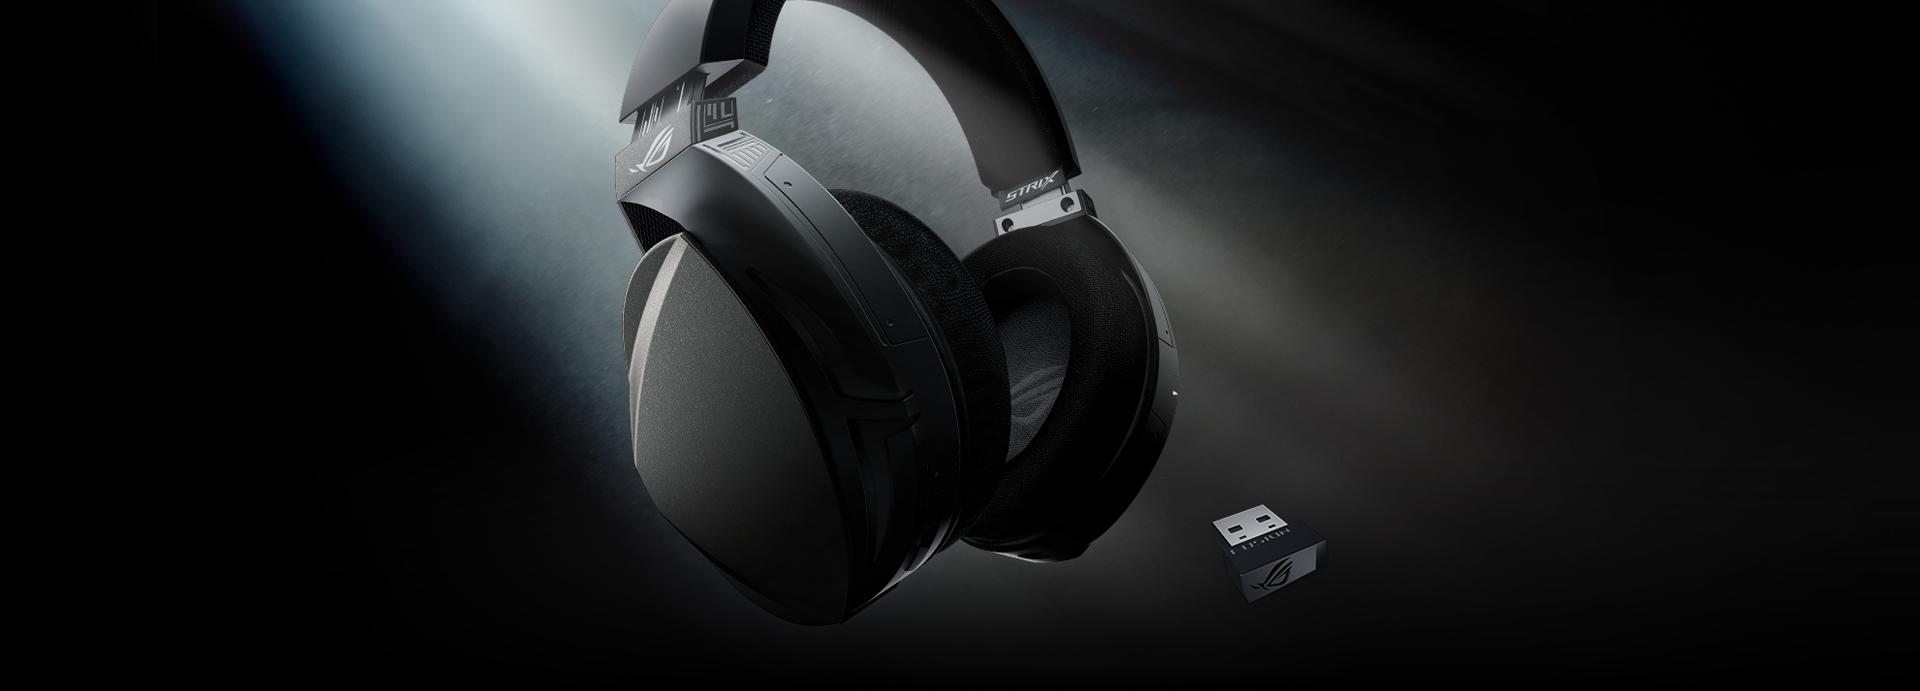 Giocare con più libertà e controllo. ROG Strix Fusion Wireless è una cuffia  ... e507382dd843